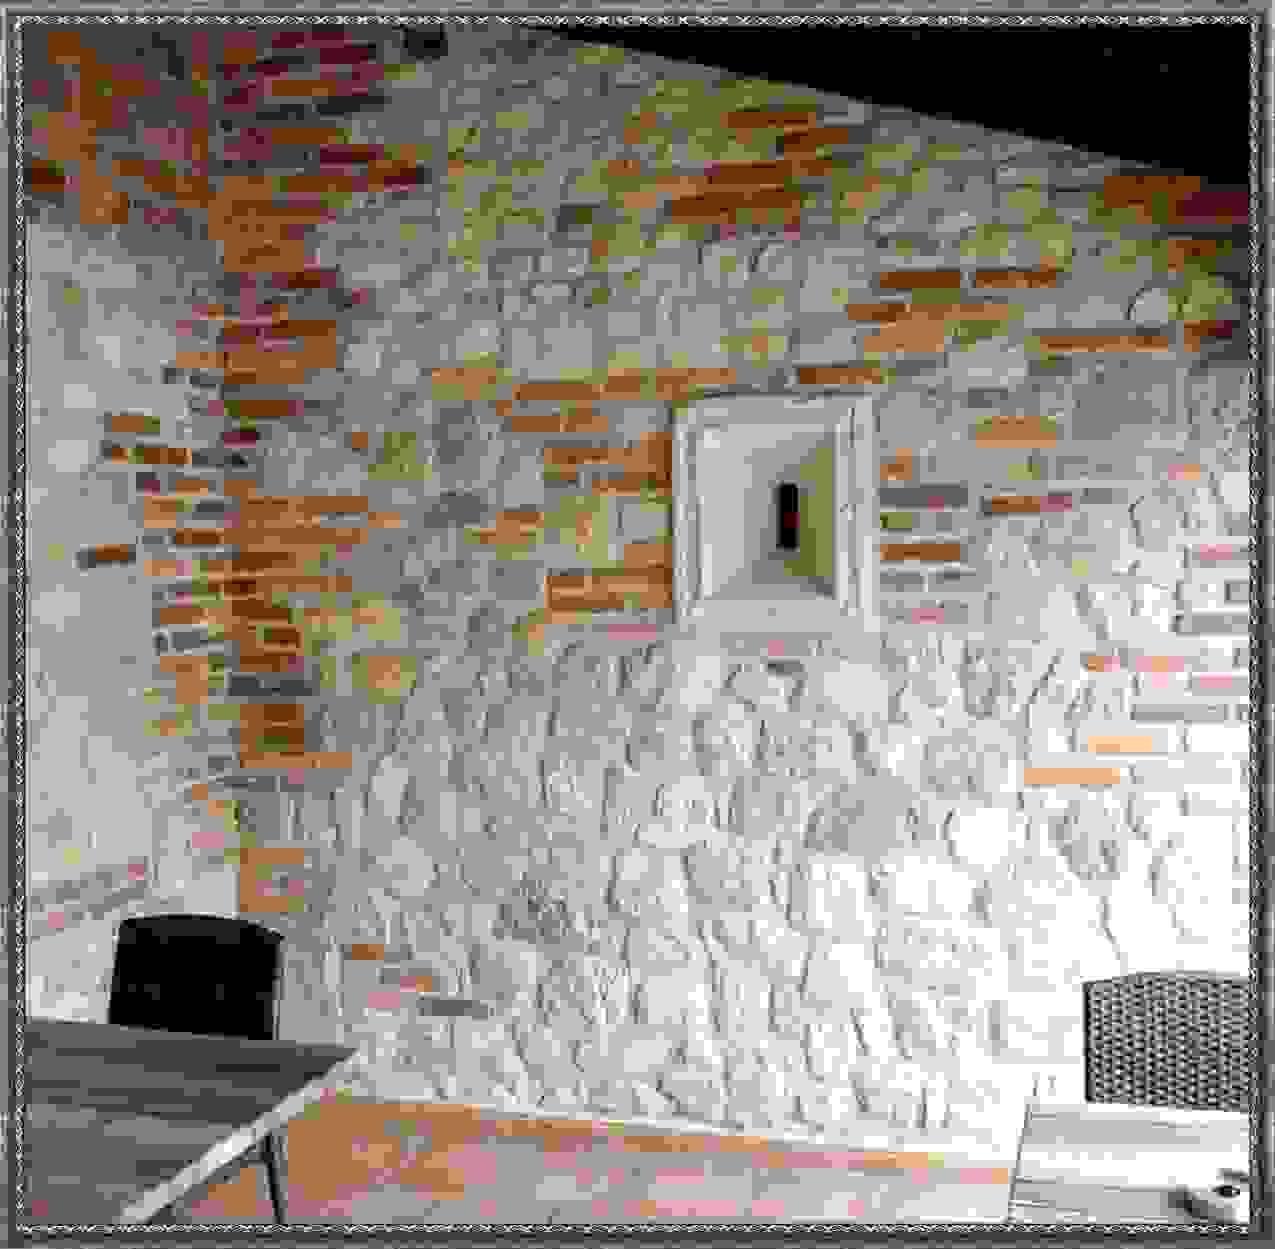 Inspirierend Wandverkleidung Stein Innen  Oxiuke von Wandverkleidung Steinoptik Kunststoff Aussen Bild